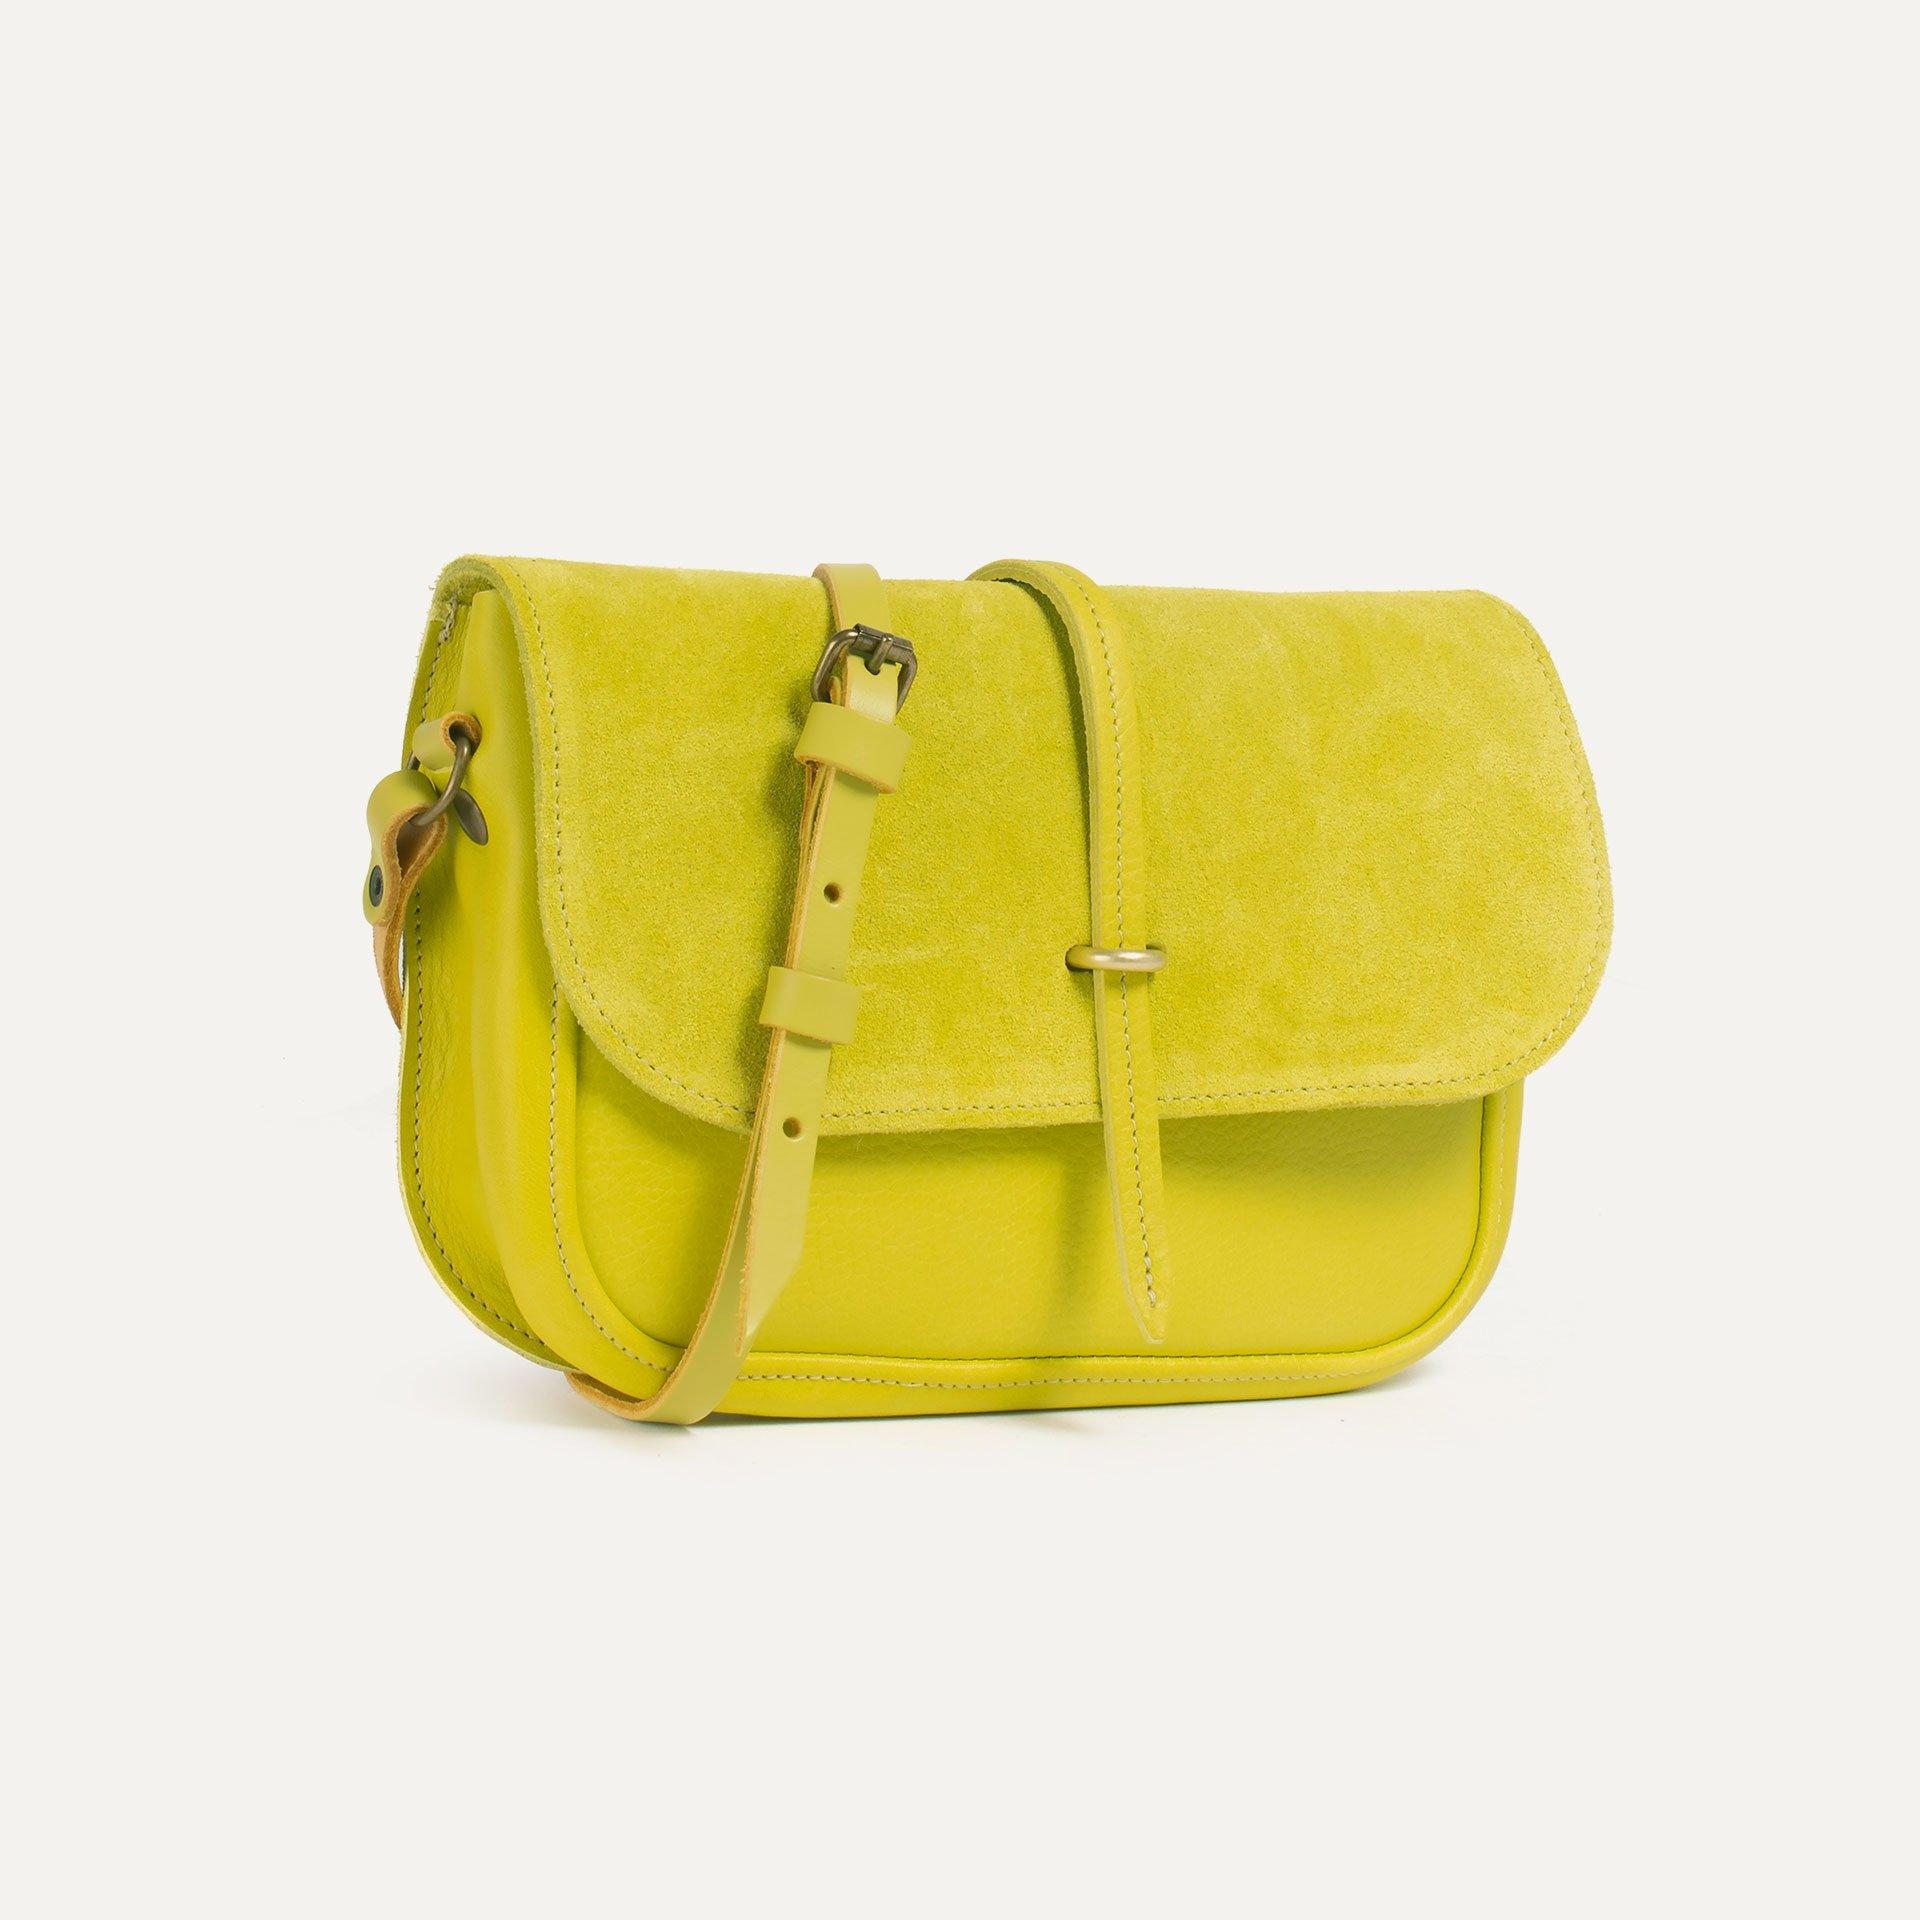 Pastis handbag - Bergamot / Mix (image n°2)